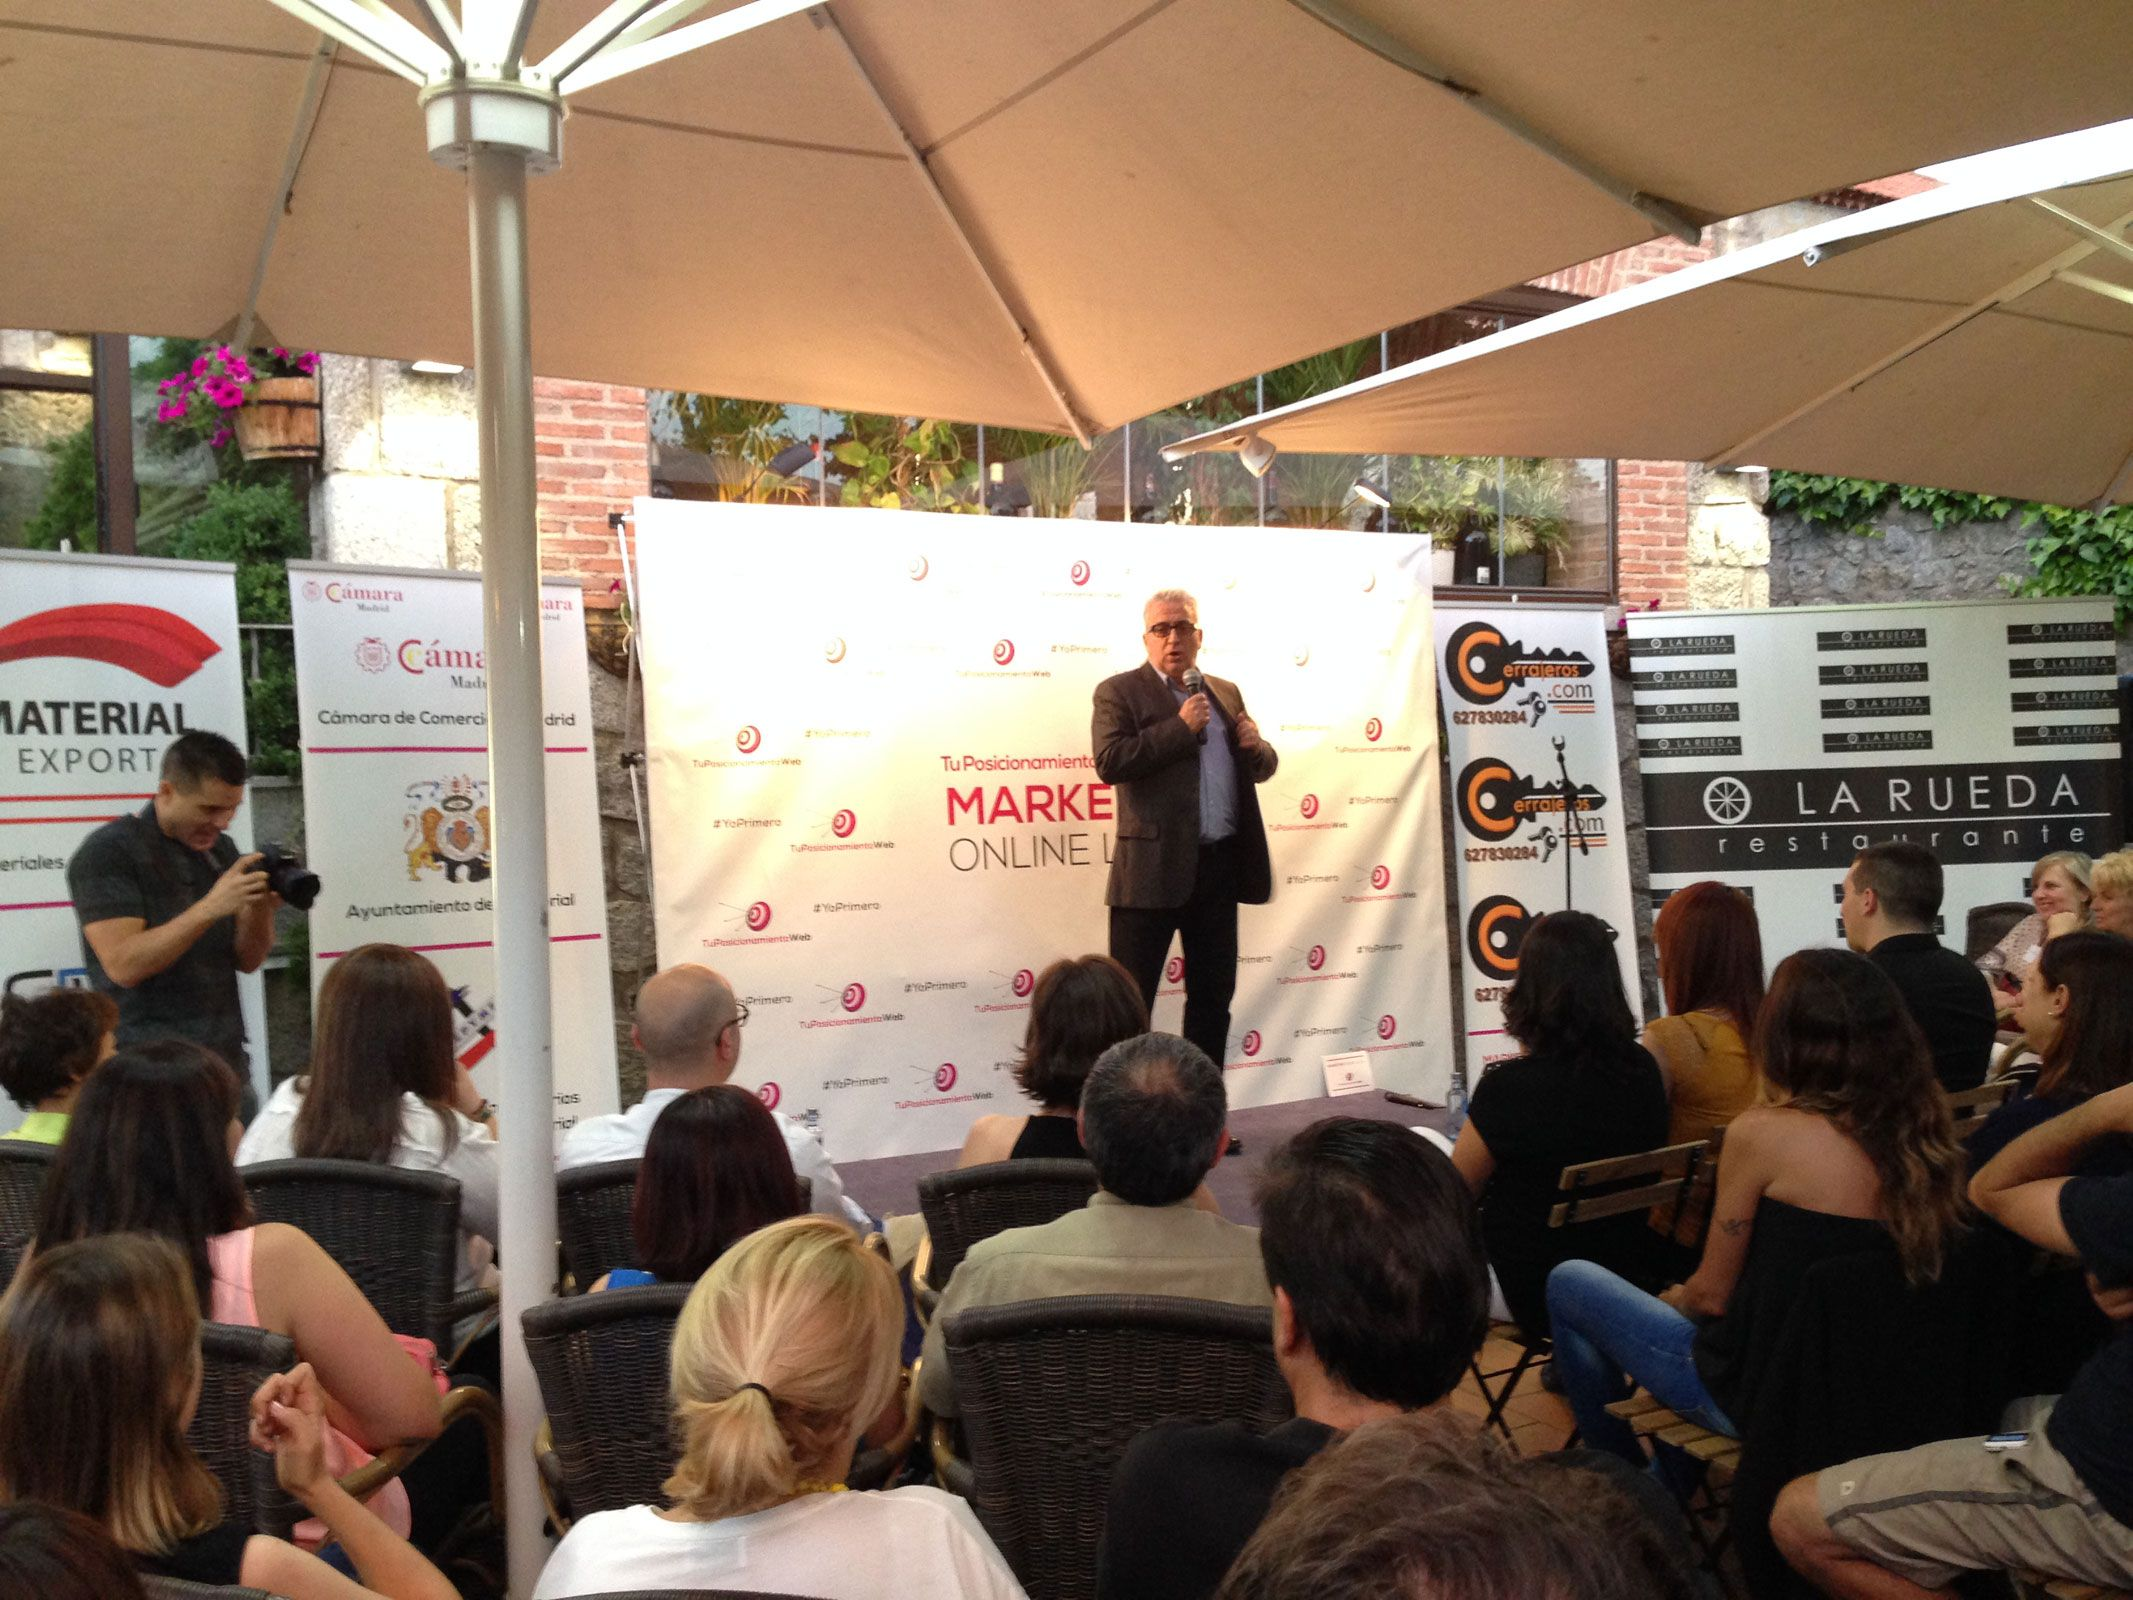 Fotografia Leo Harlem en el Evento Marketing Online Local #YoPrimero